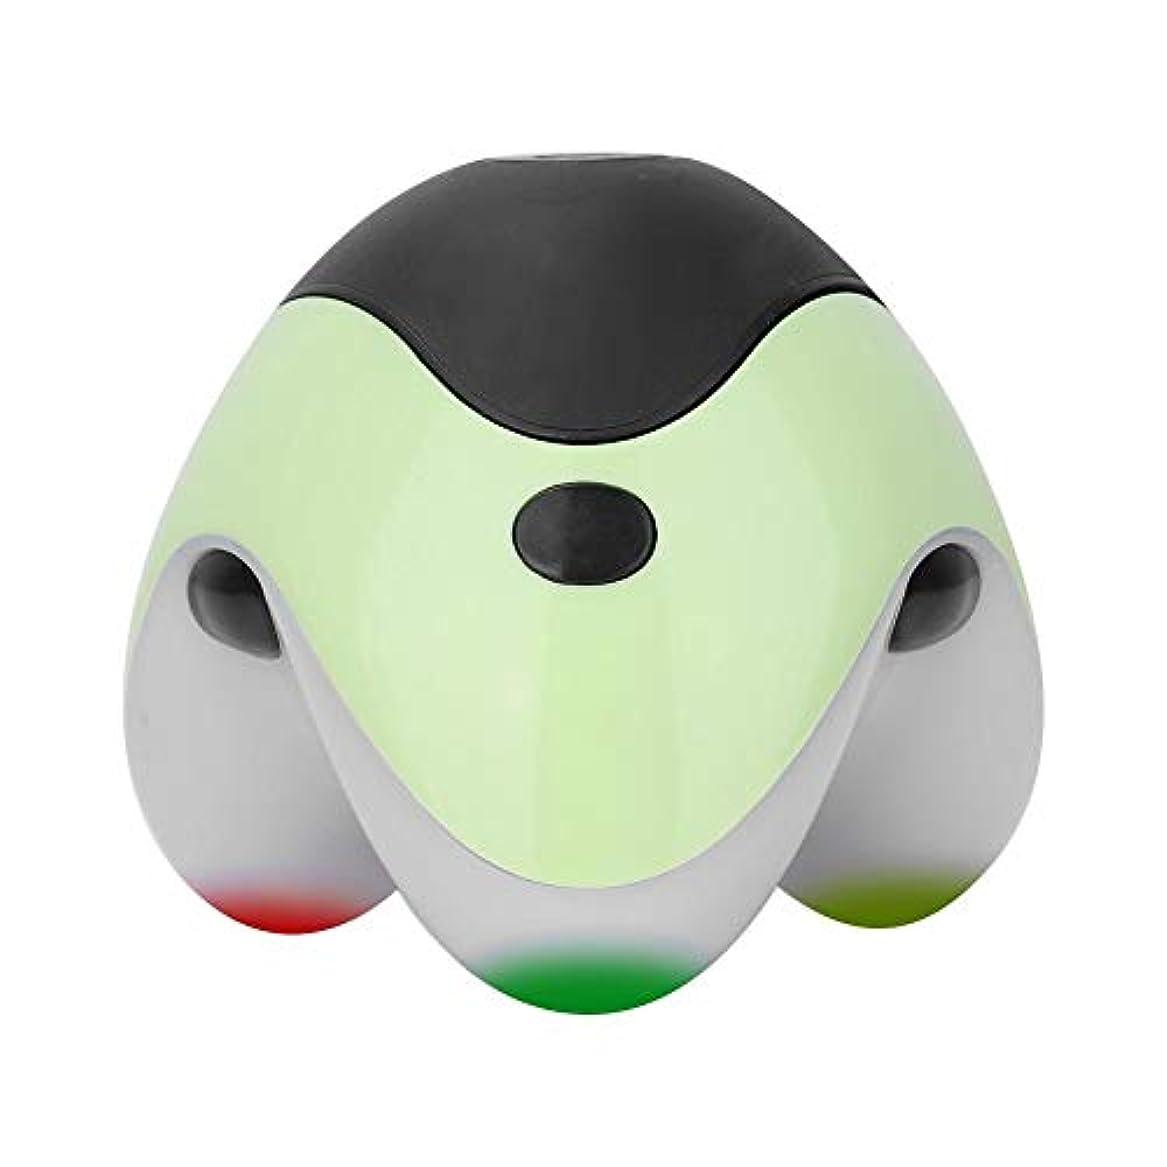 受粉者便利さ潜在的なNitrip ボディマッサージ ハンディマッサージャー ボティローラー 全身用 血行促進 疲労緩和 ストレス解消 ヘルスケア マッサージツール 携帯便利 4色(緑)